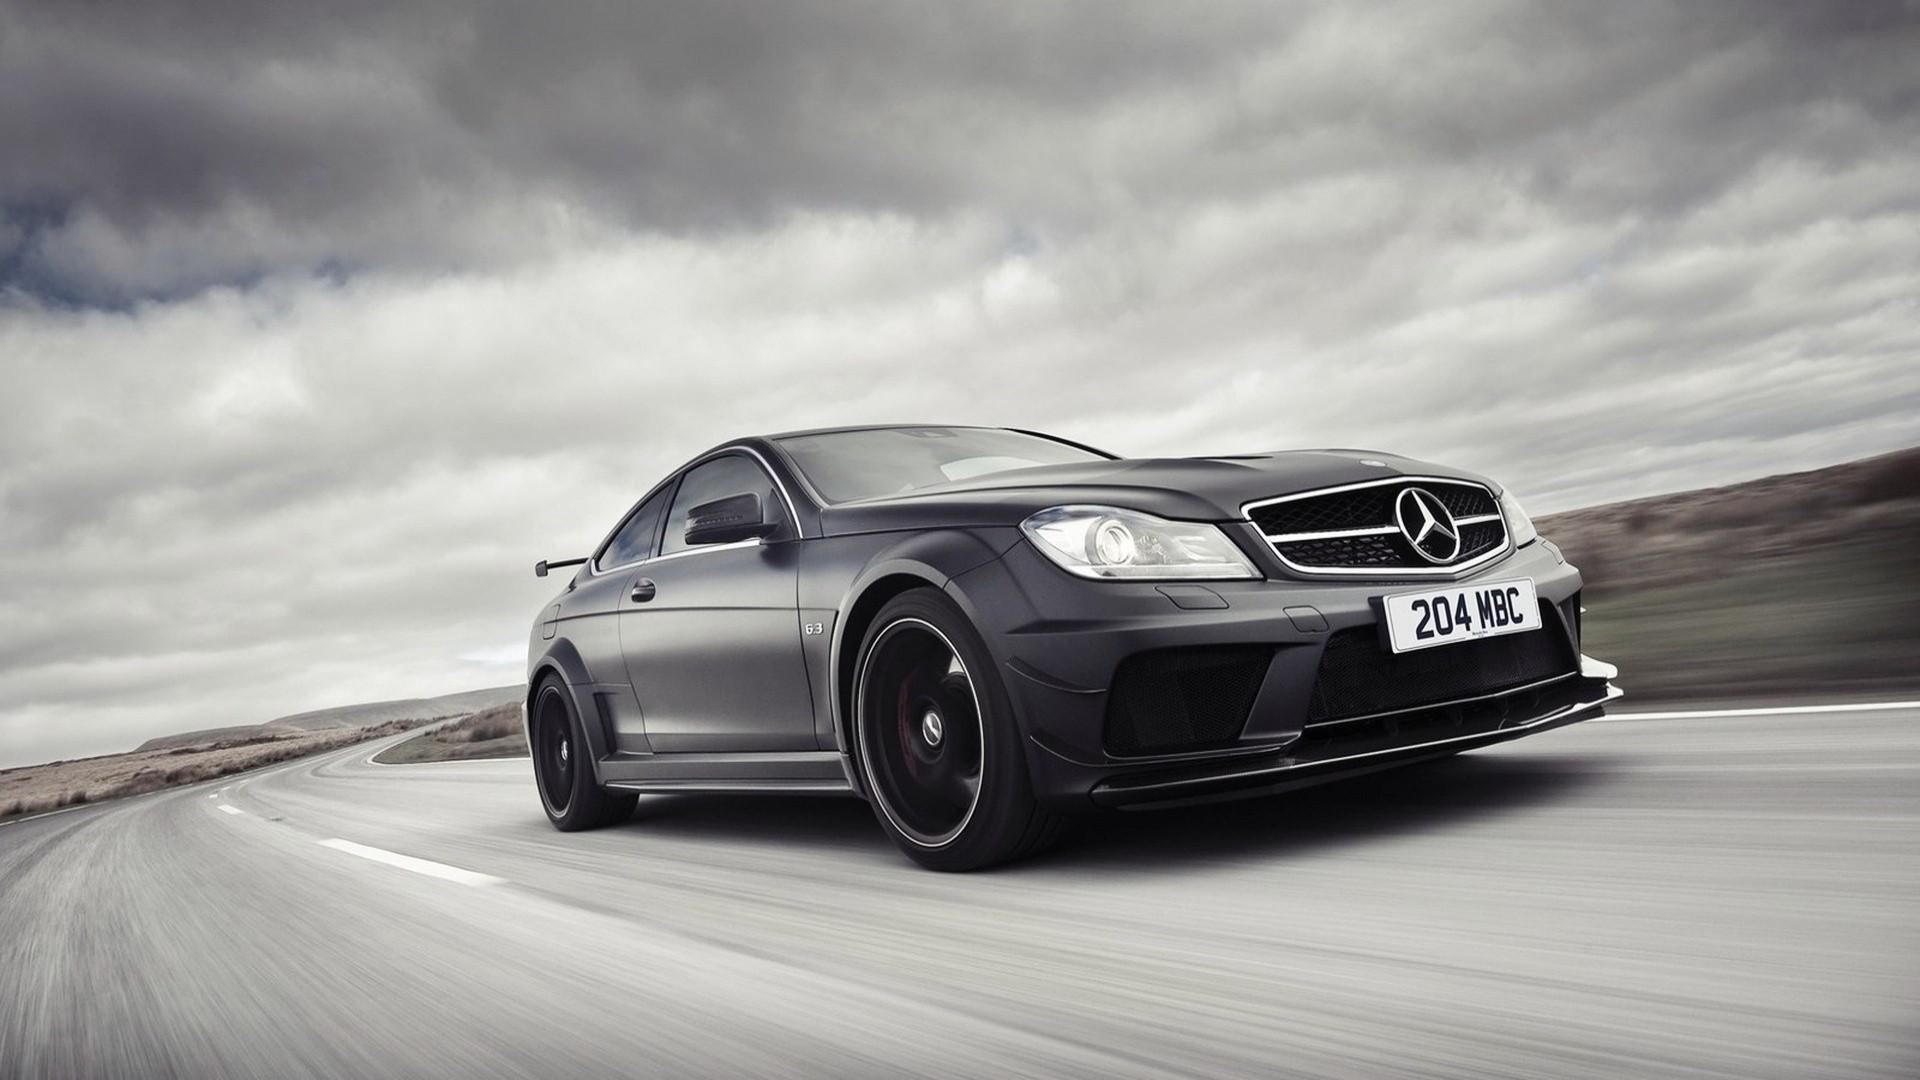 Mercedes Wallpaper Pic